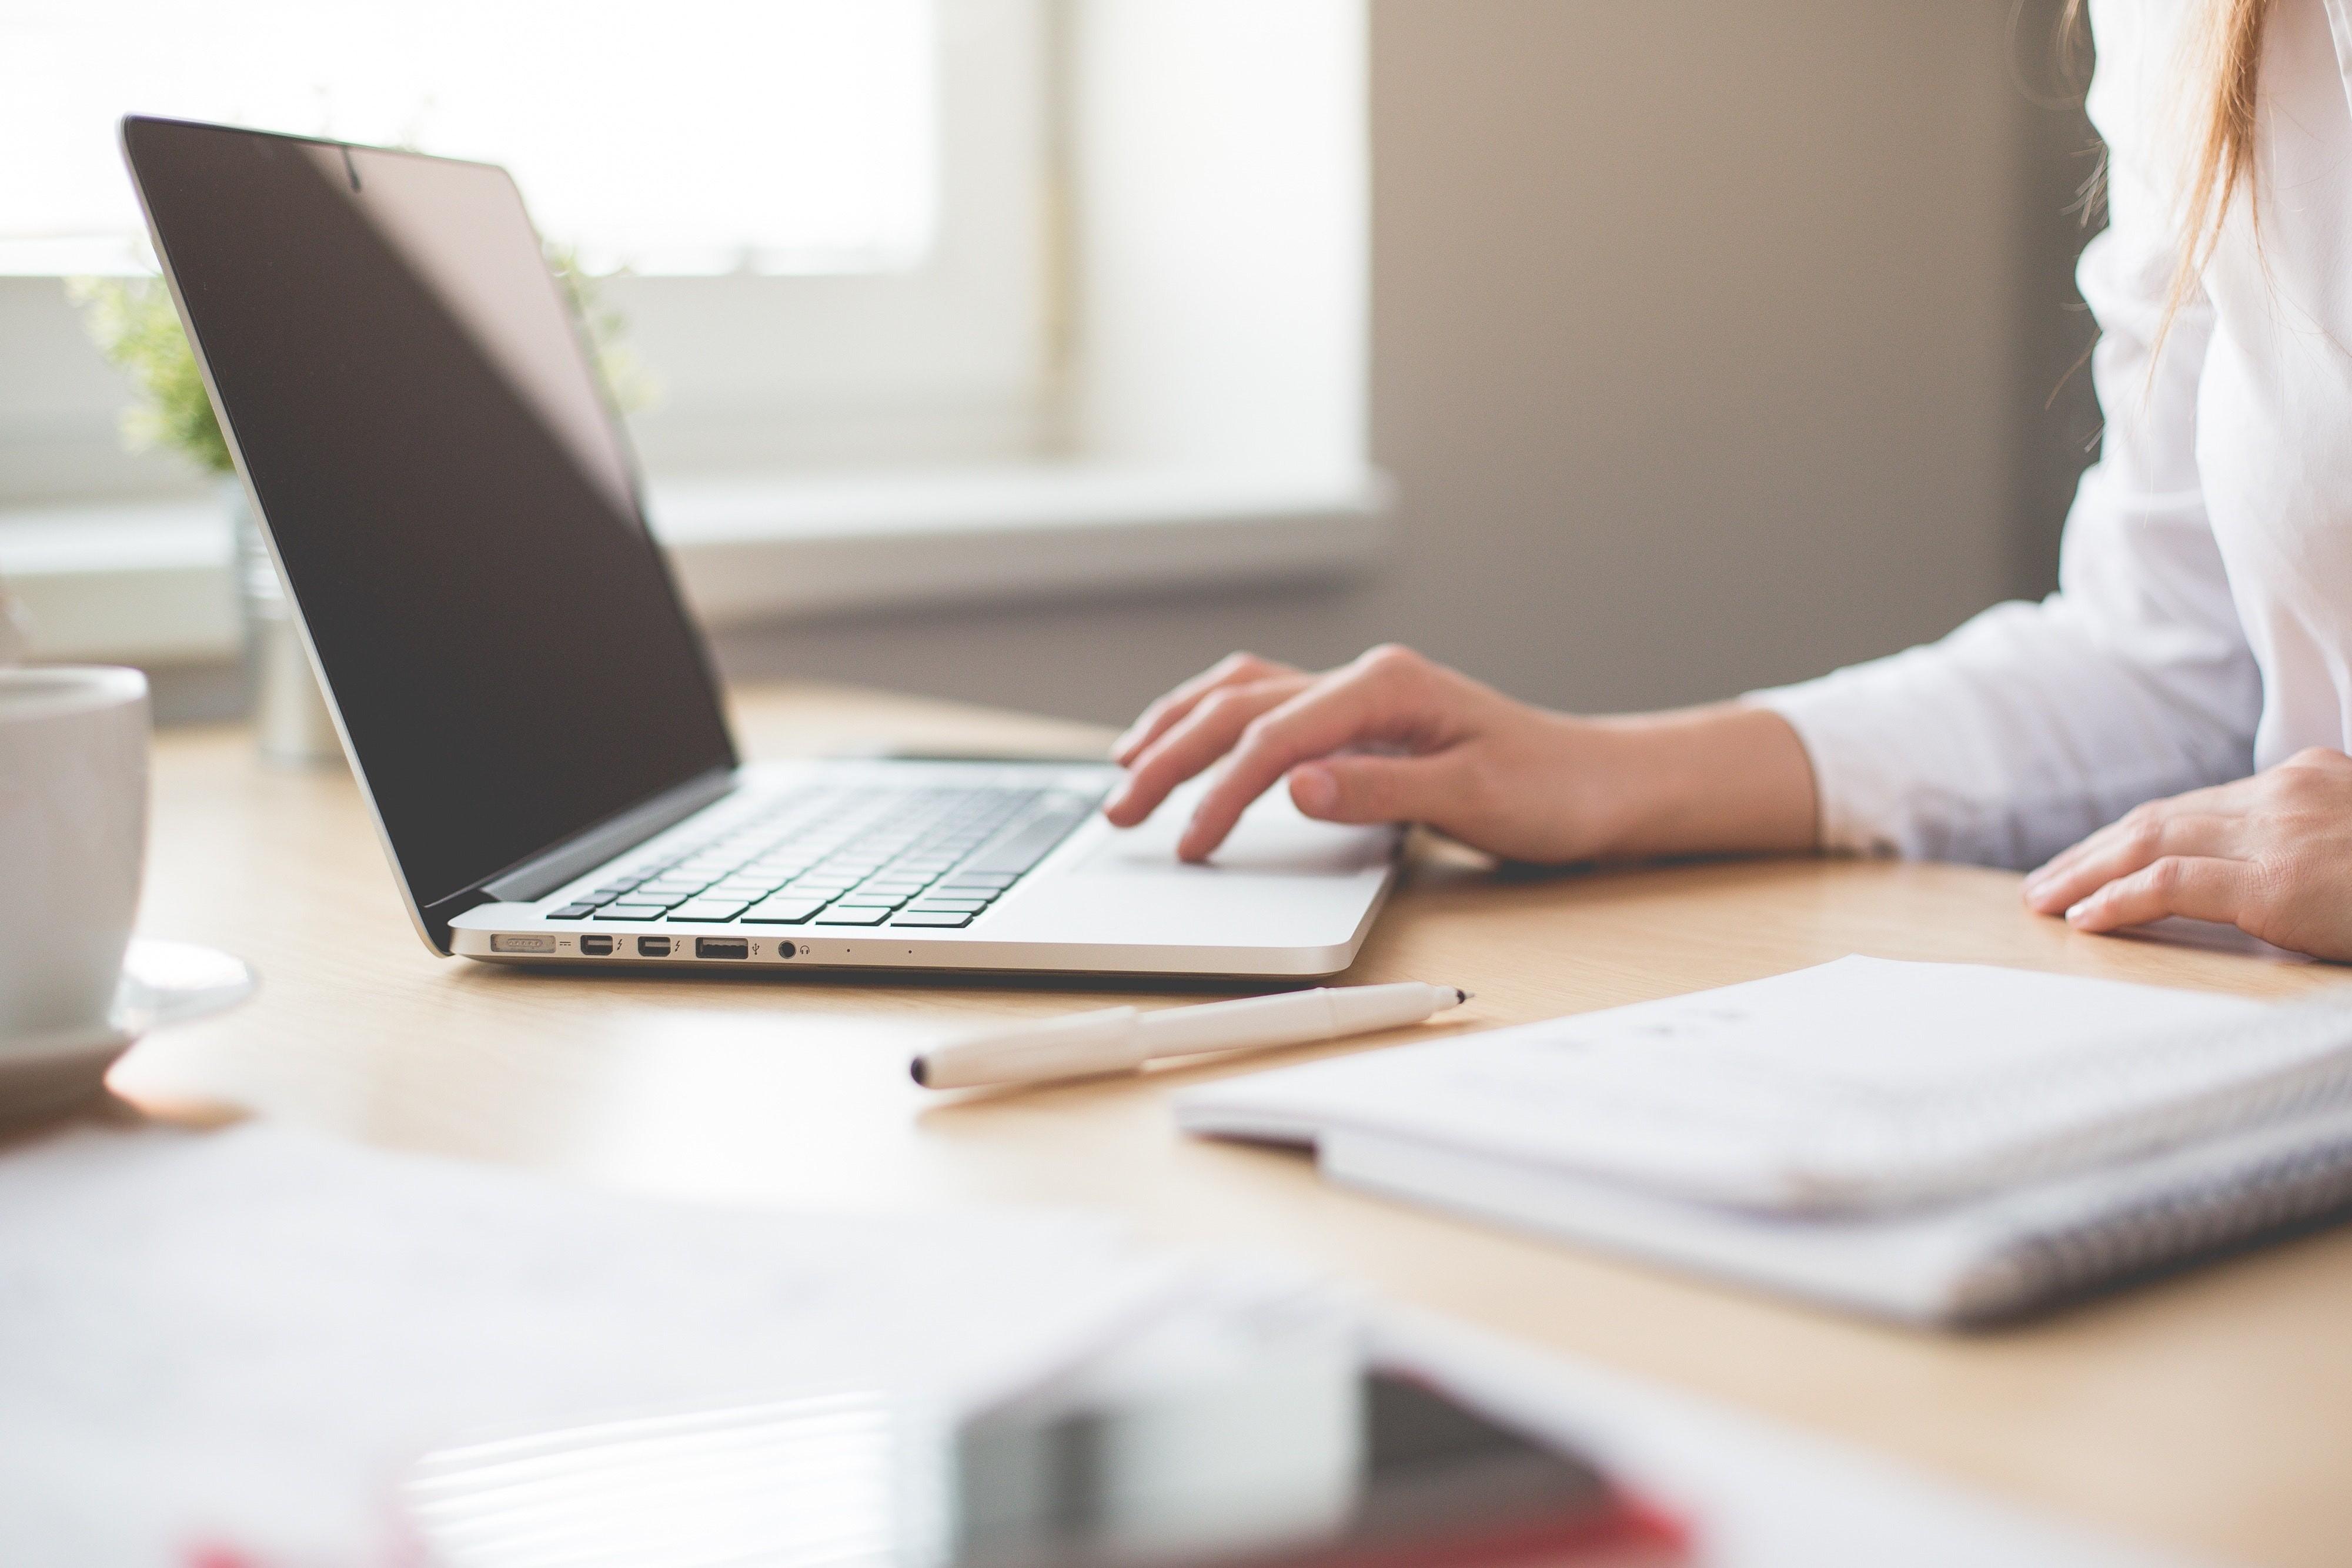 Chica en una oficina, mesa de despacho con cuaderno y ordenador